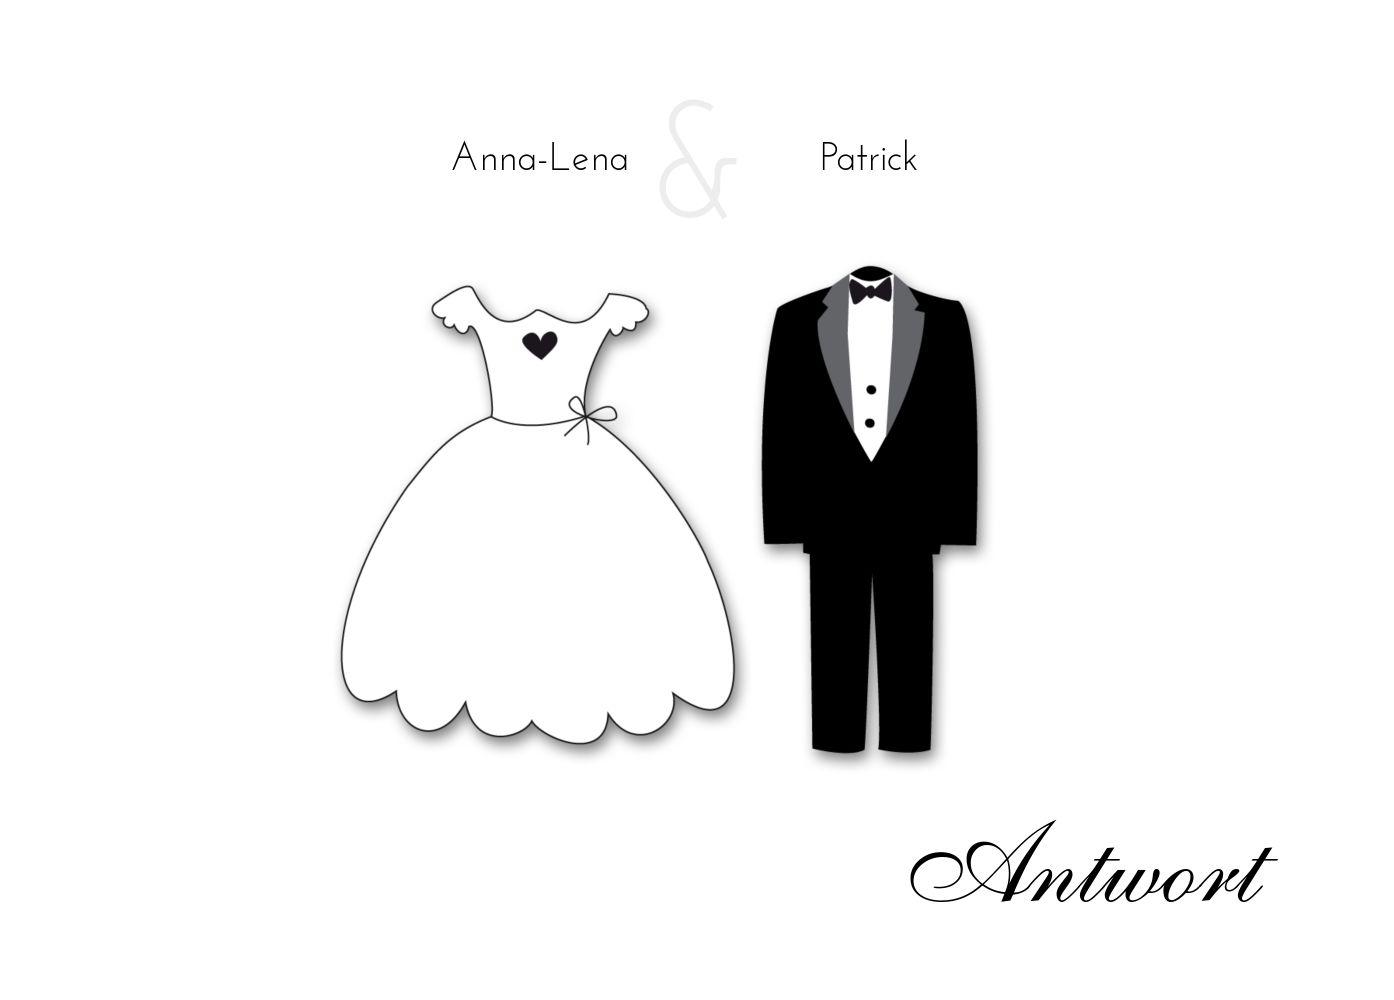 Ansicht 2 - Hochzeit Antwortkarte dress and suit